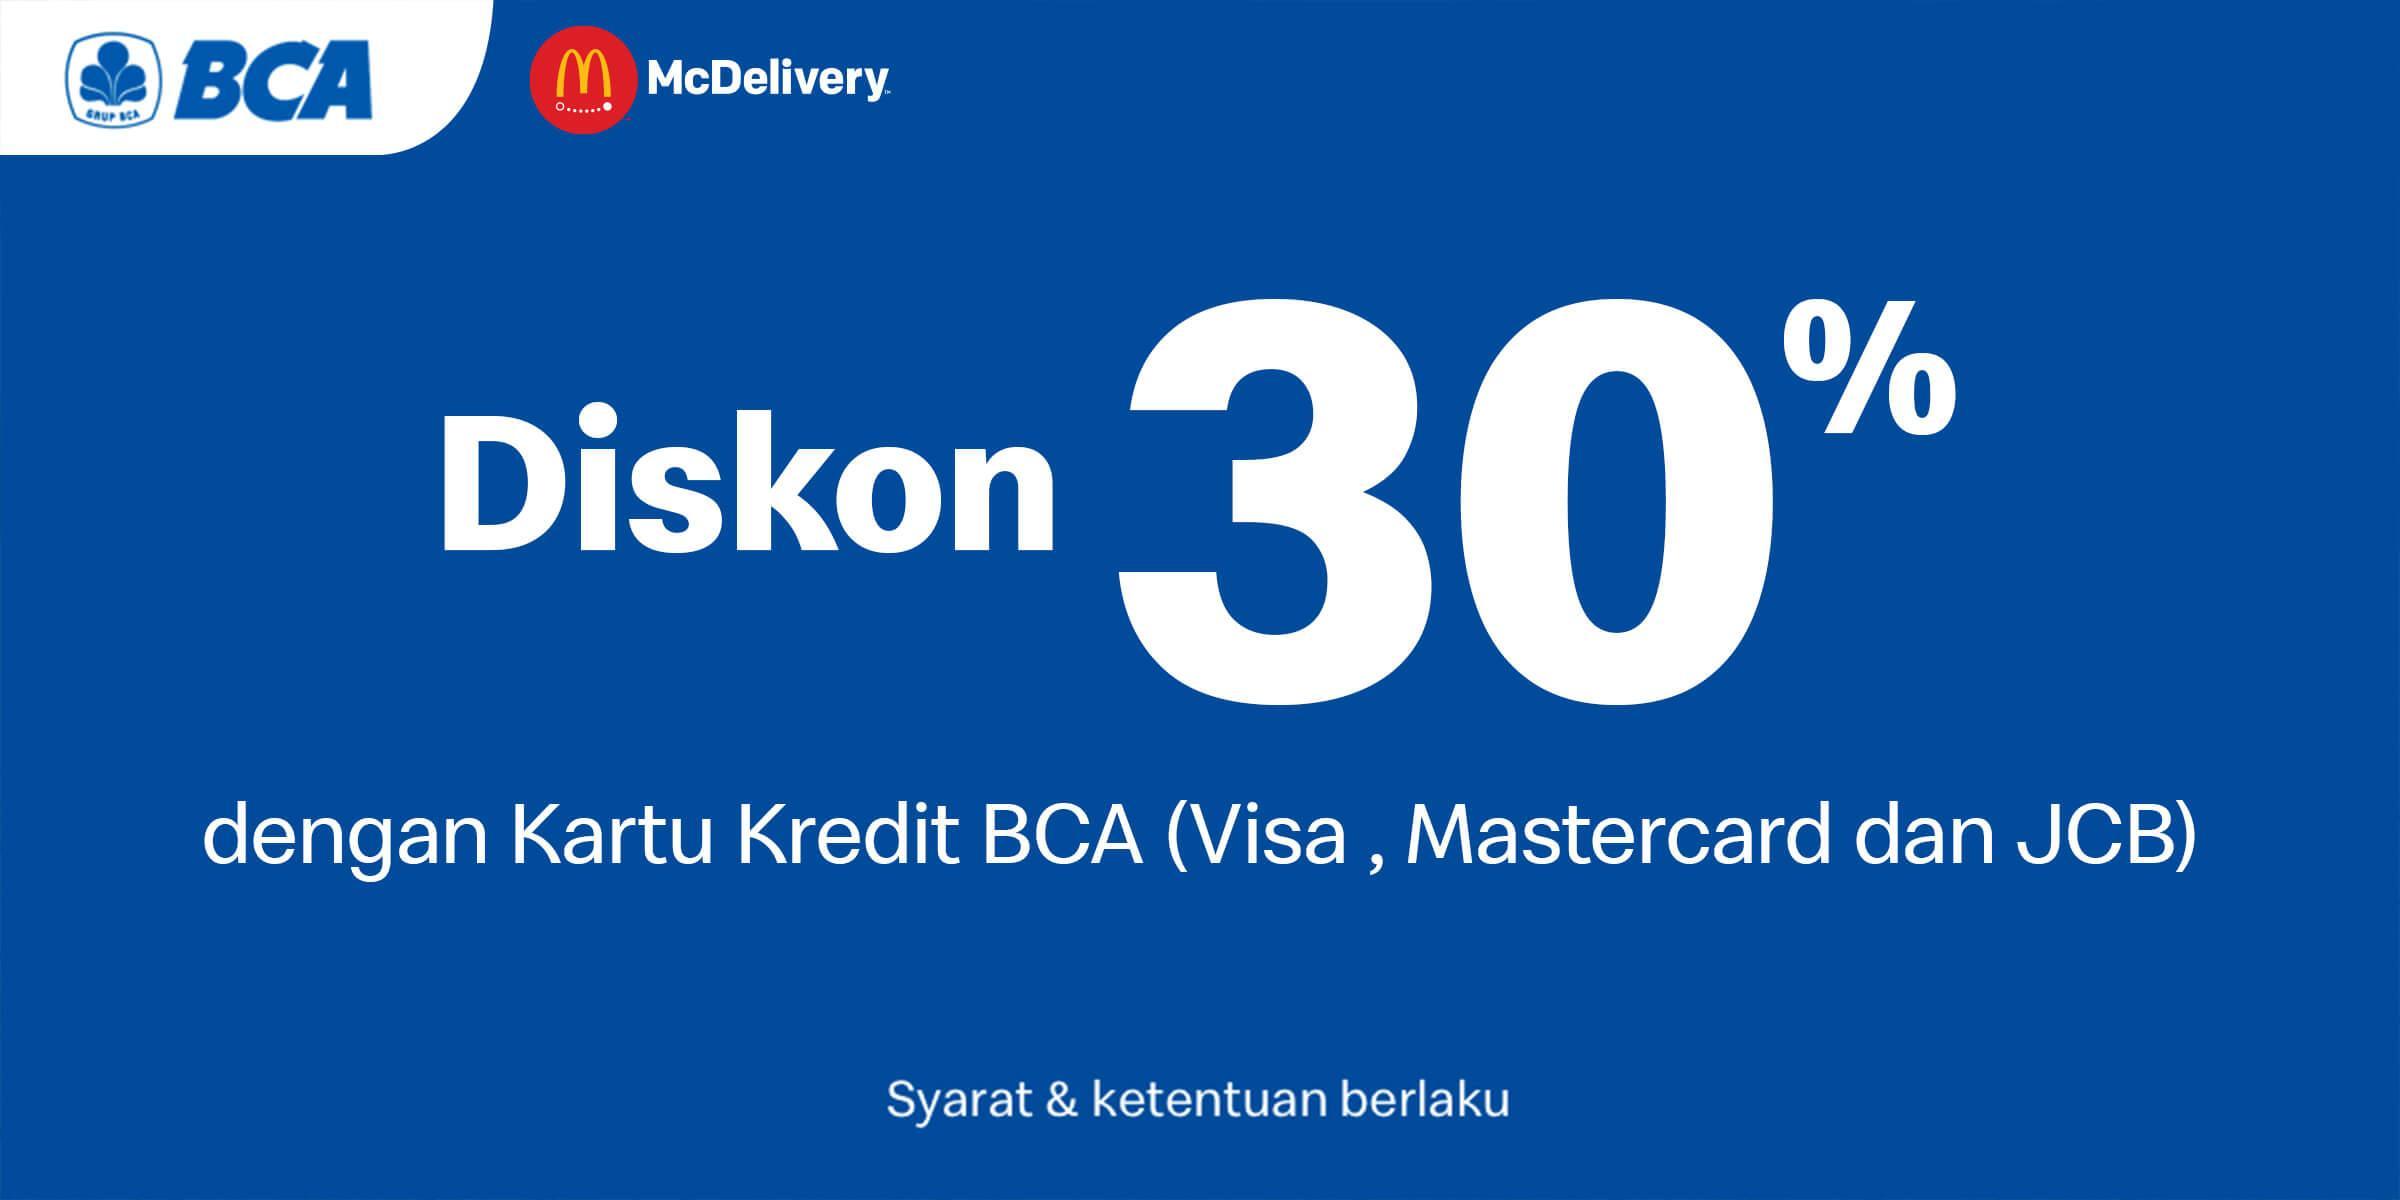 Promo diskon 30% untuk kartu kredit BCA berlogo Visa, Mastercard, dan JCB